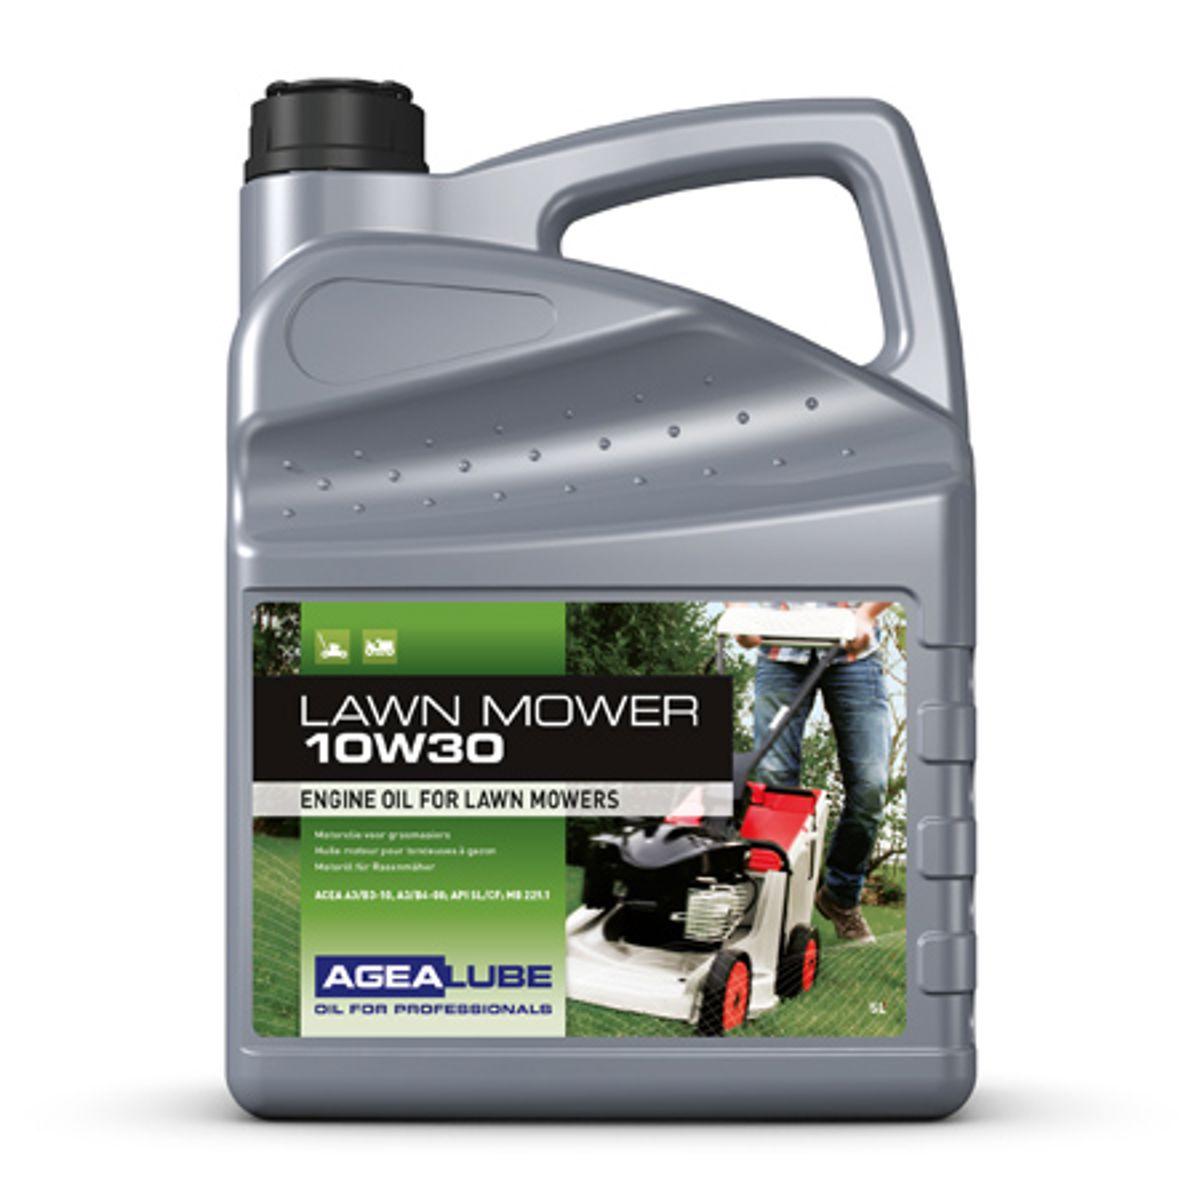 Agealube lawn mower 10w30 motorolie 5l